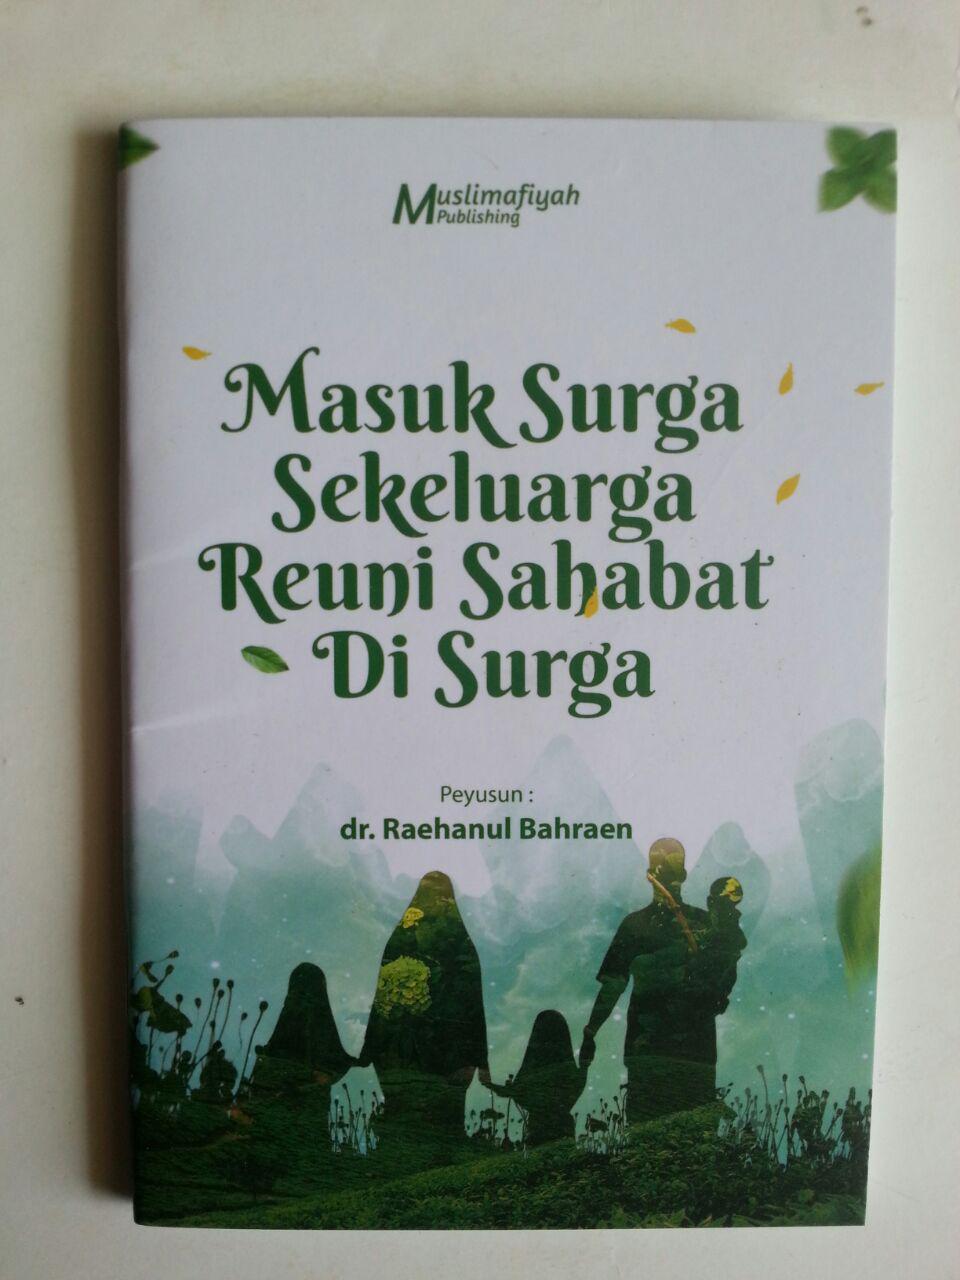 Buku Saku Masuk Surga Sekeluarga Reuni Sahabat Di Surga cover 2